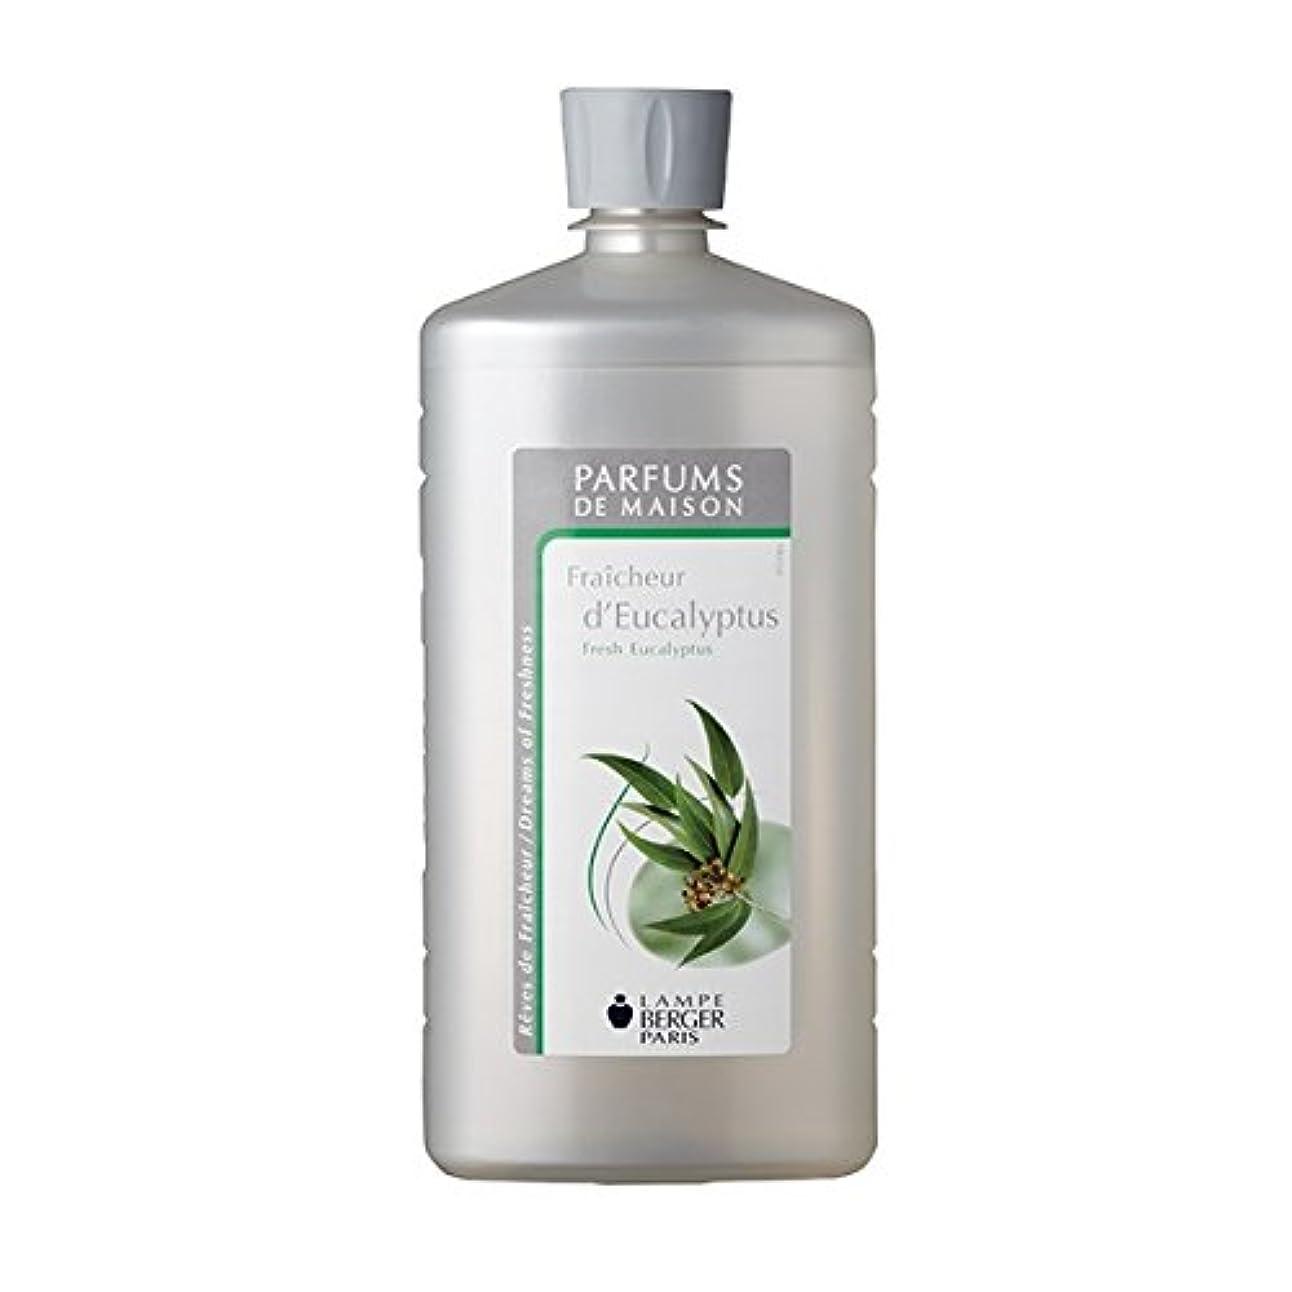 専門知識意識娘ランプベルジェオイル(ユーカリ)Fraîcheur d'Eucalyptus Fresh Eucalyptus